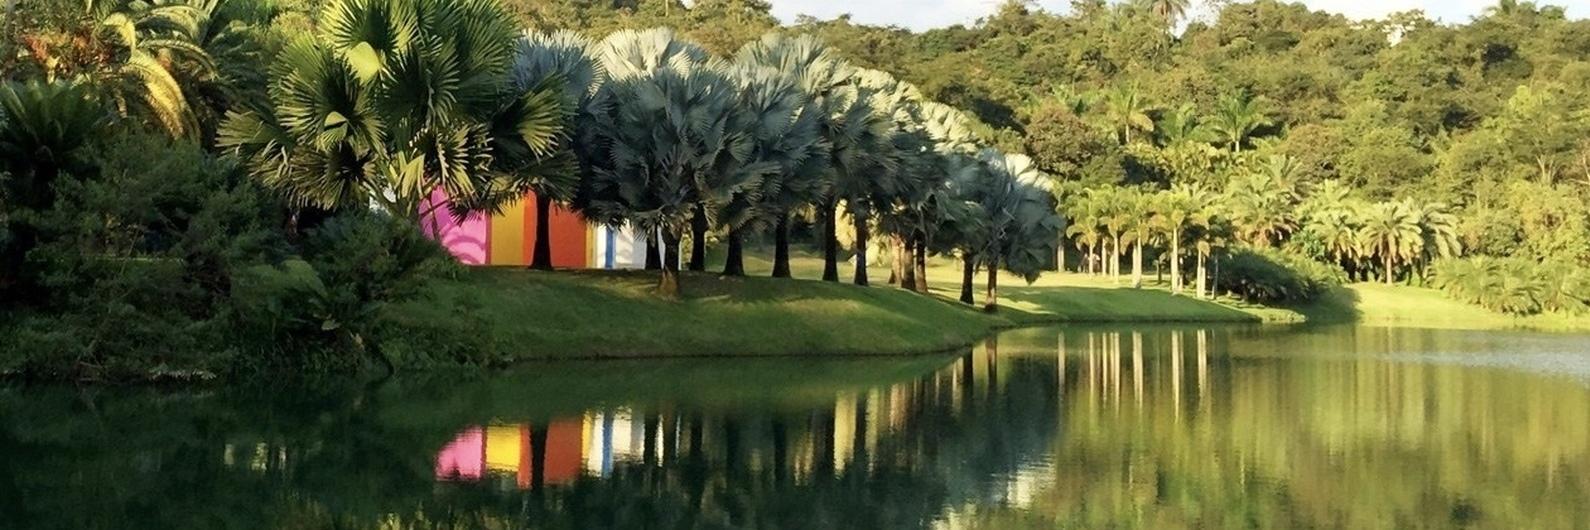 Belo Horizonte, a animada capital de Minas Gerais